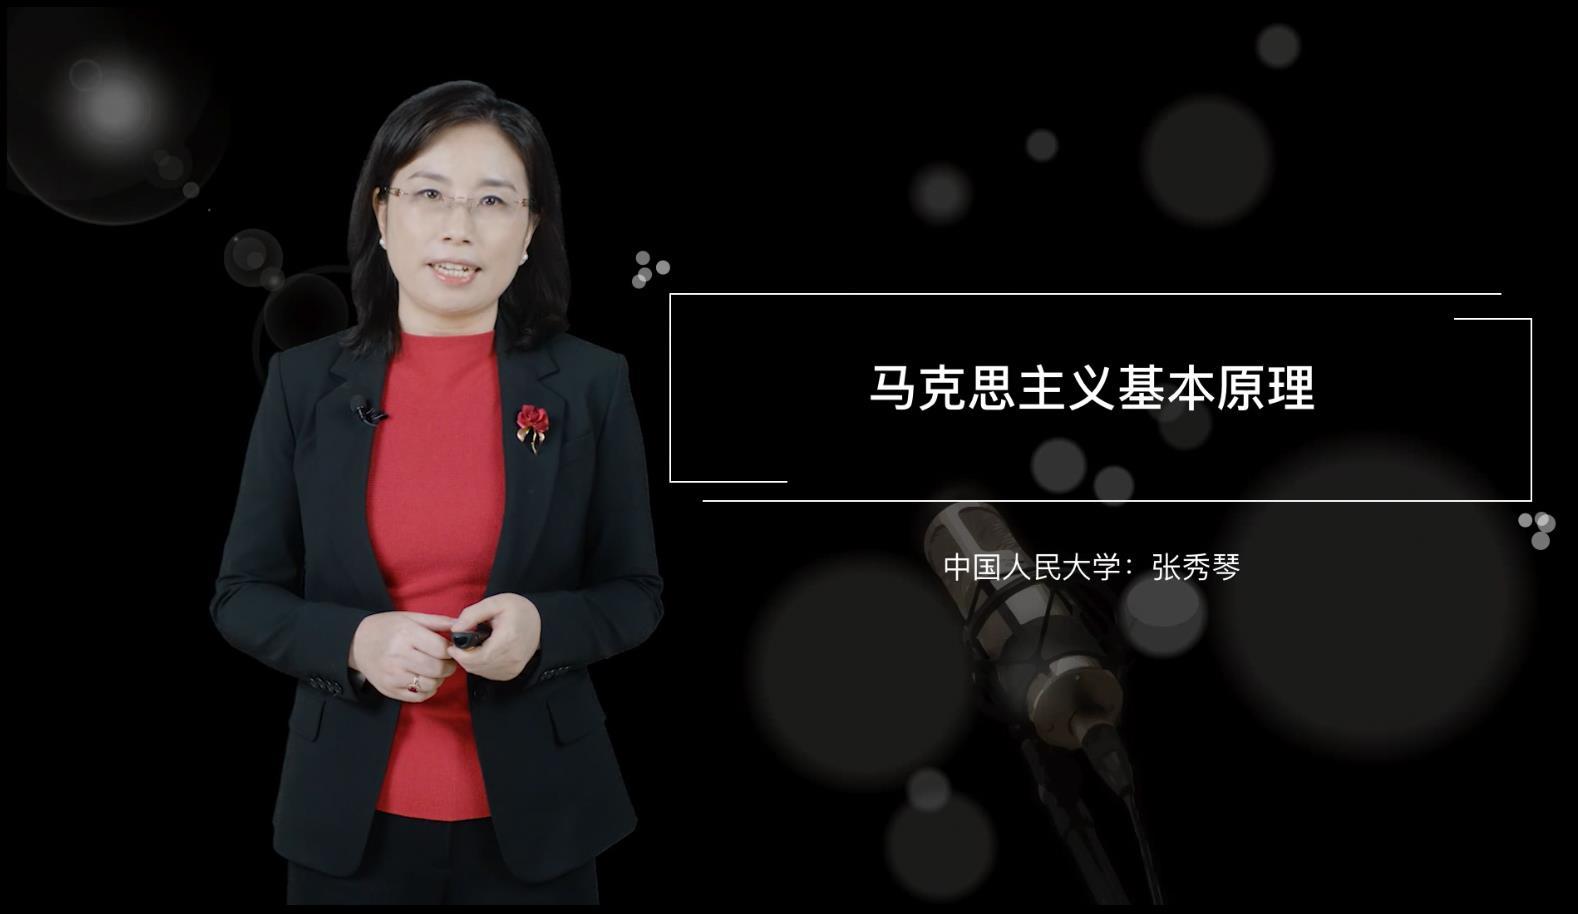 马克思主义基本原理【精讲课】